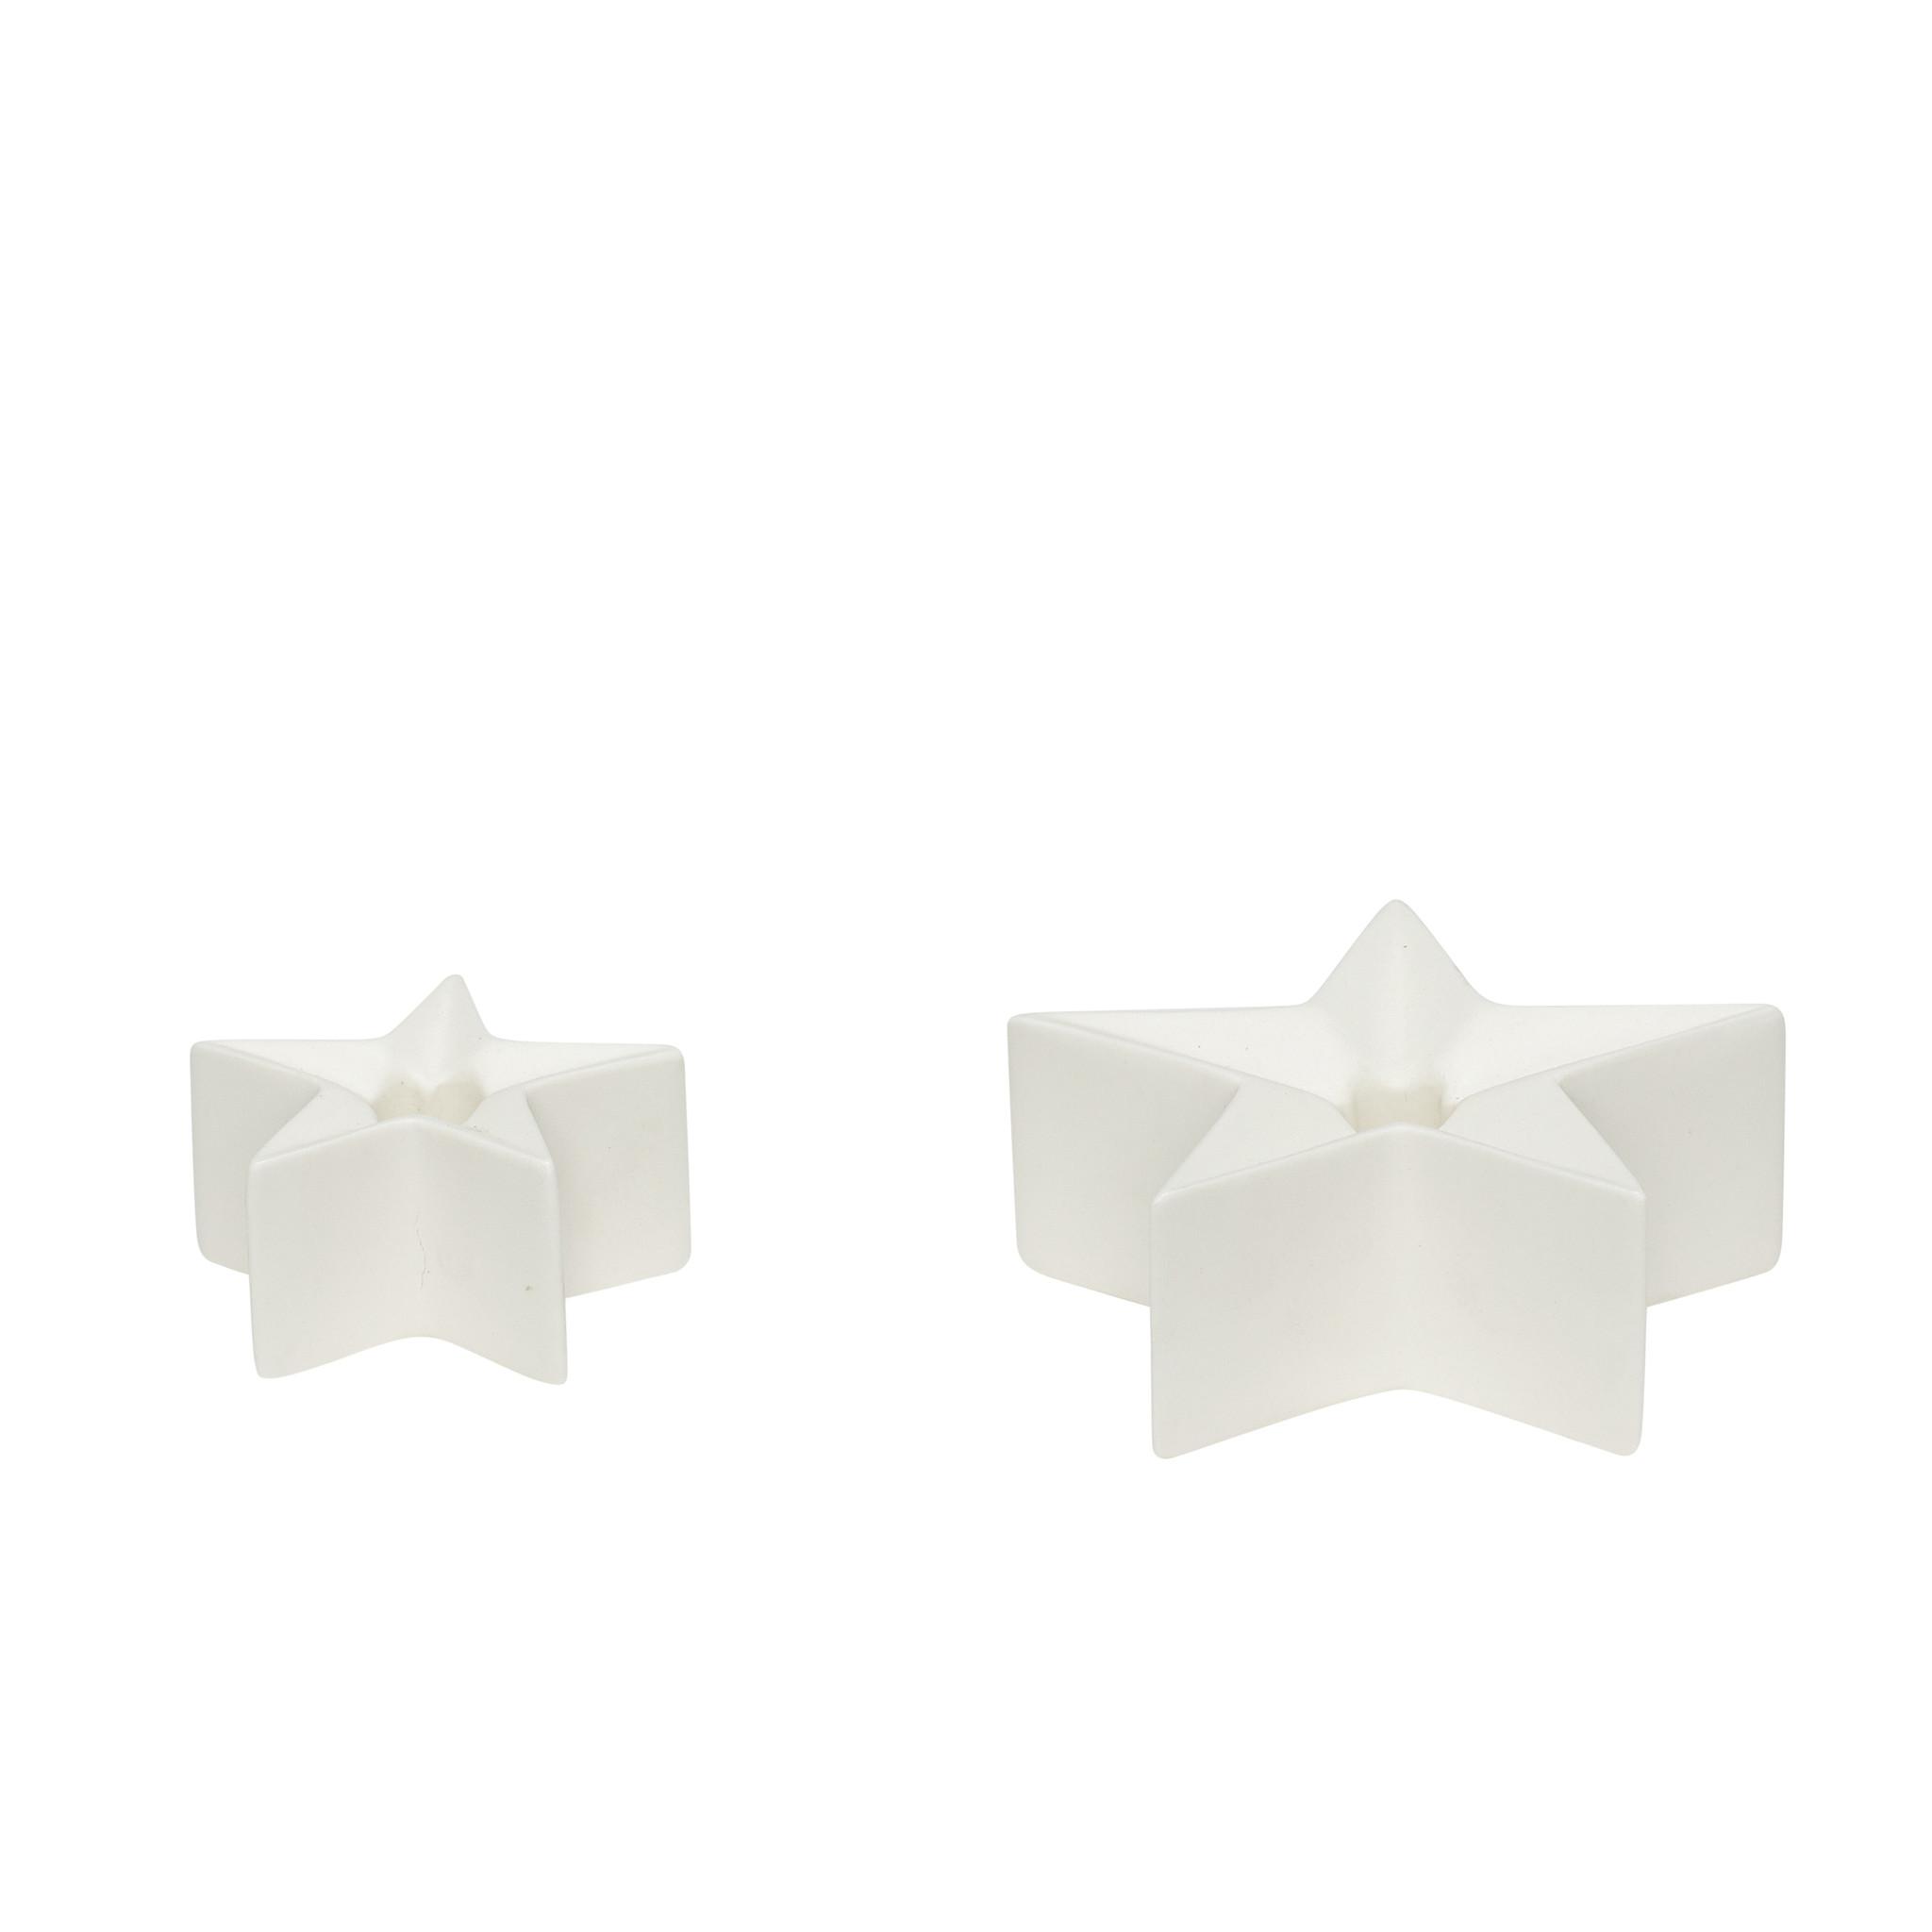 Hubsch Kandelaar, ster, porselein, wit, set van 2